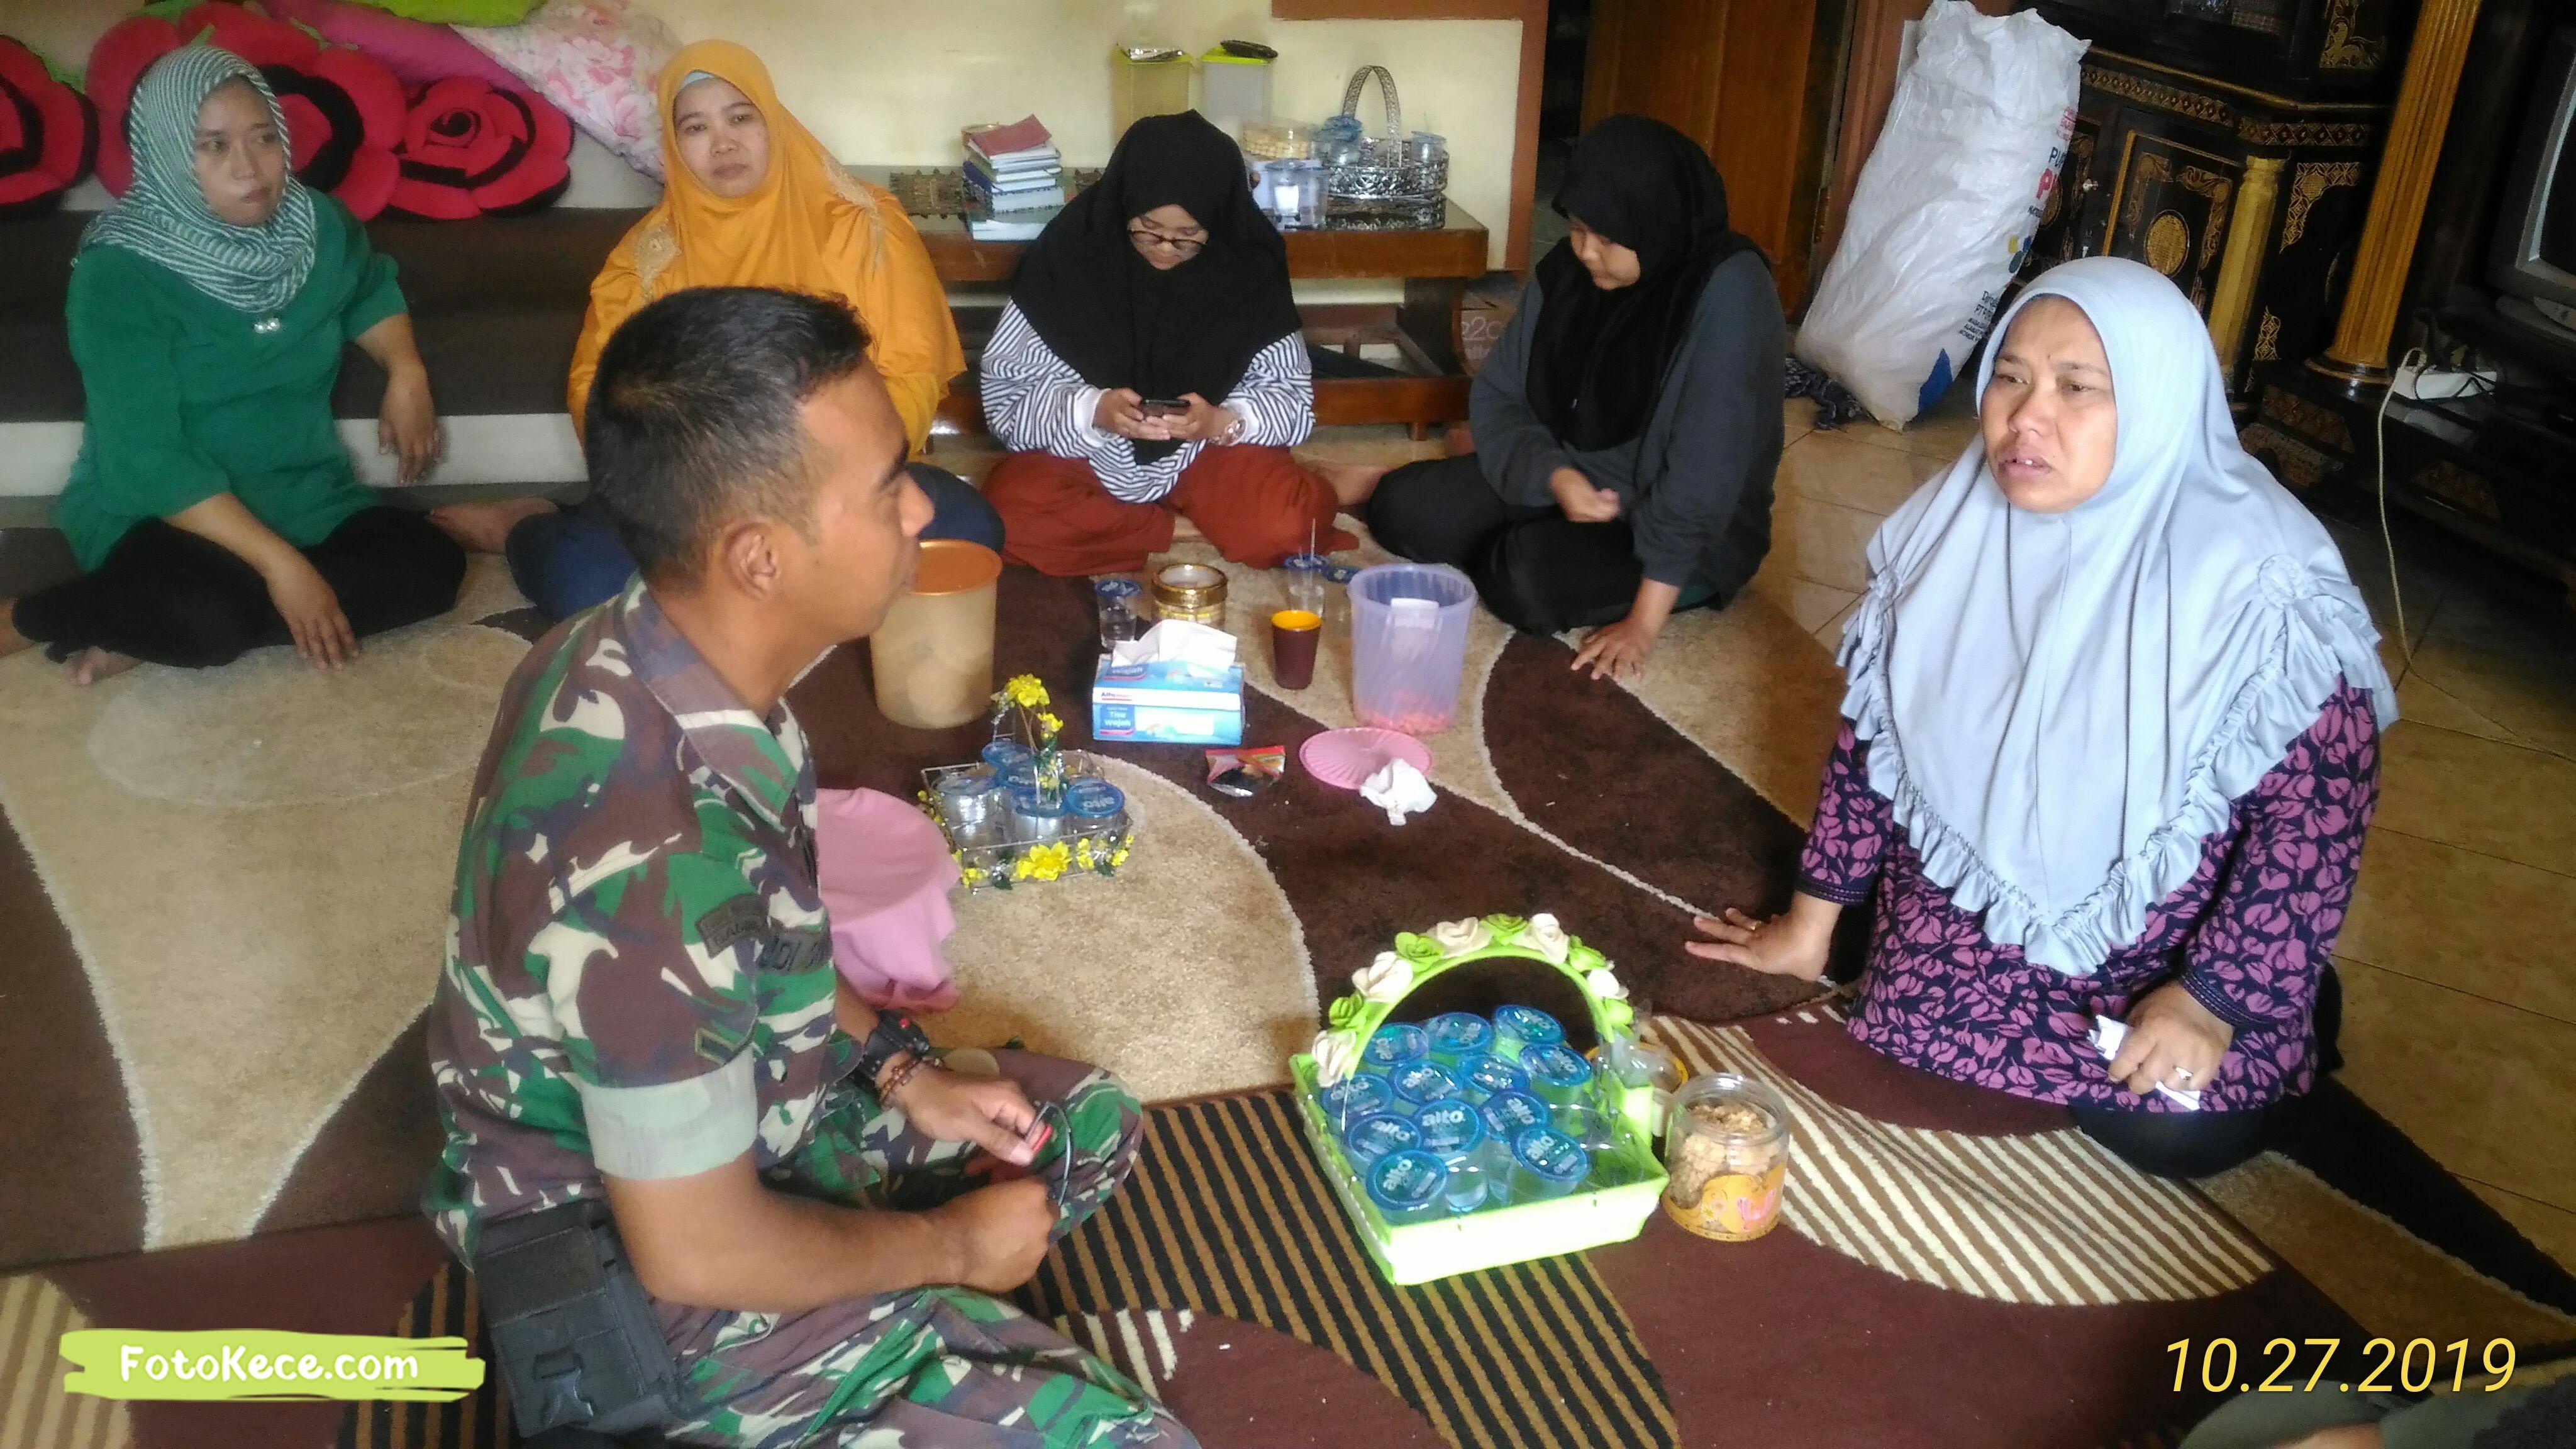 rumah duka pada fatihah untuk dudin syehabudin bin Said Hidayat fotokece